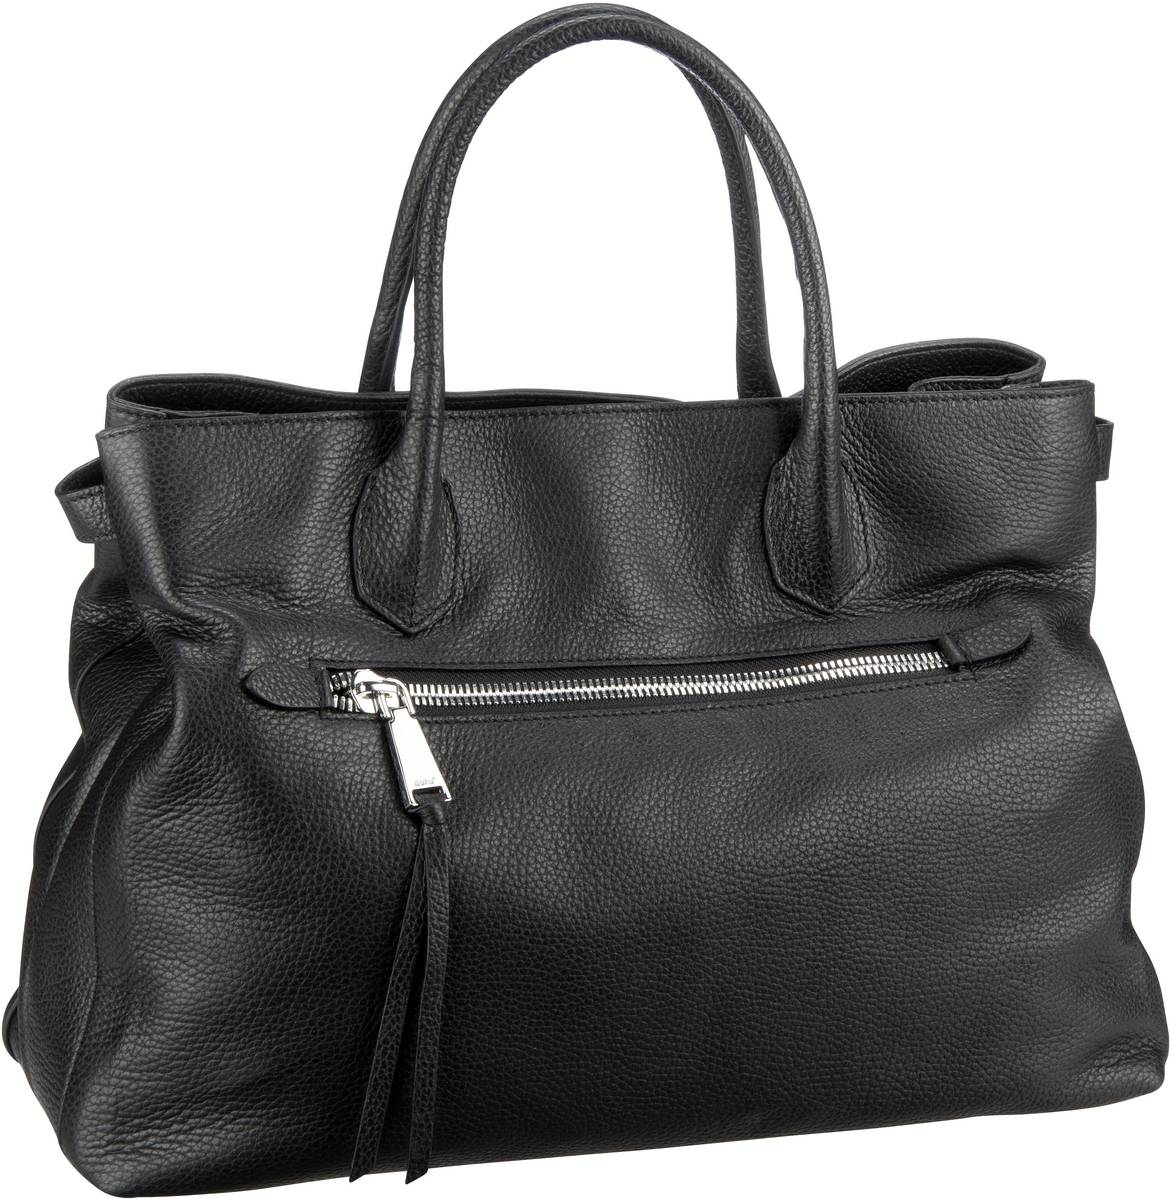 Handtasche Calf Adria 28170 Black/Nickel